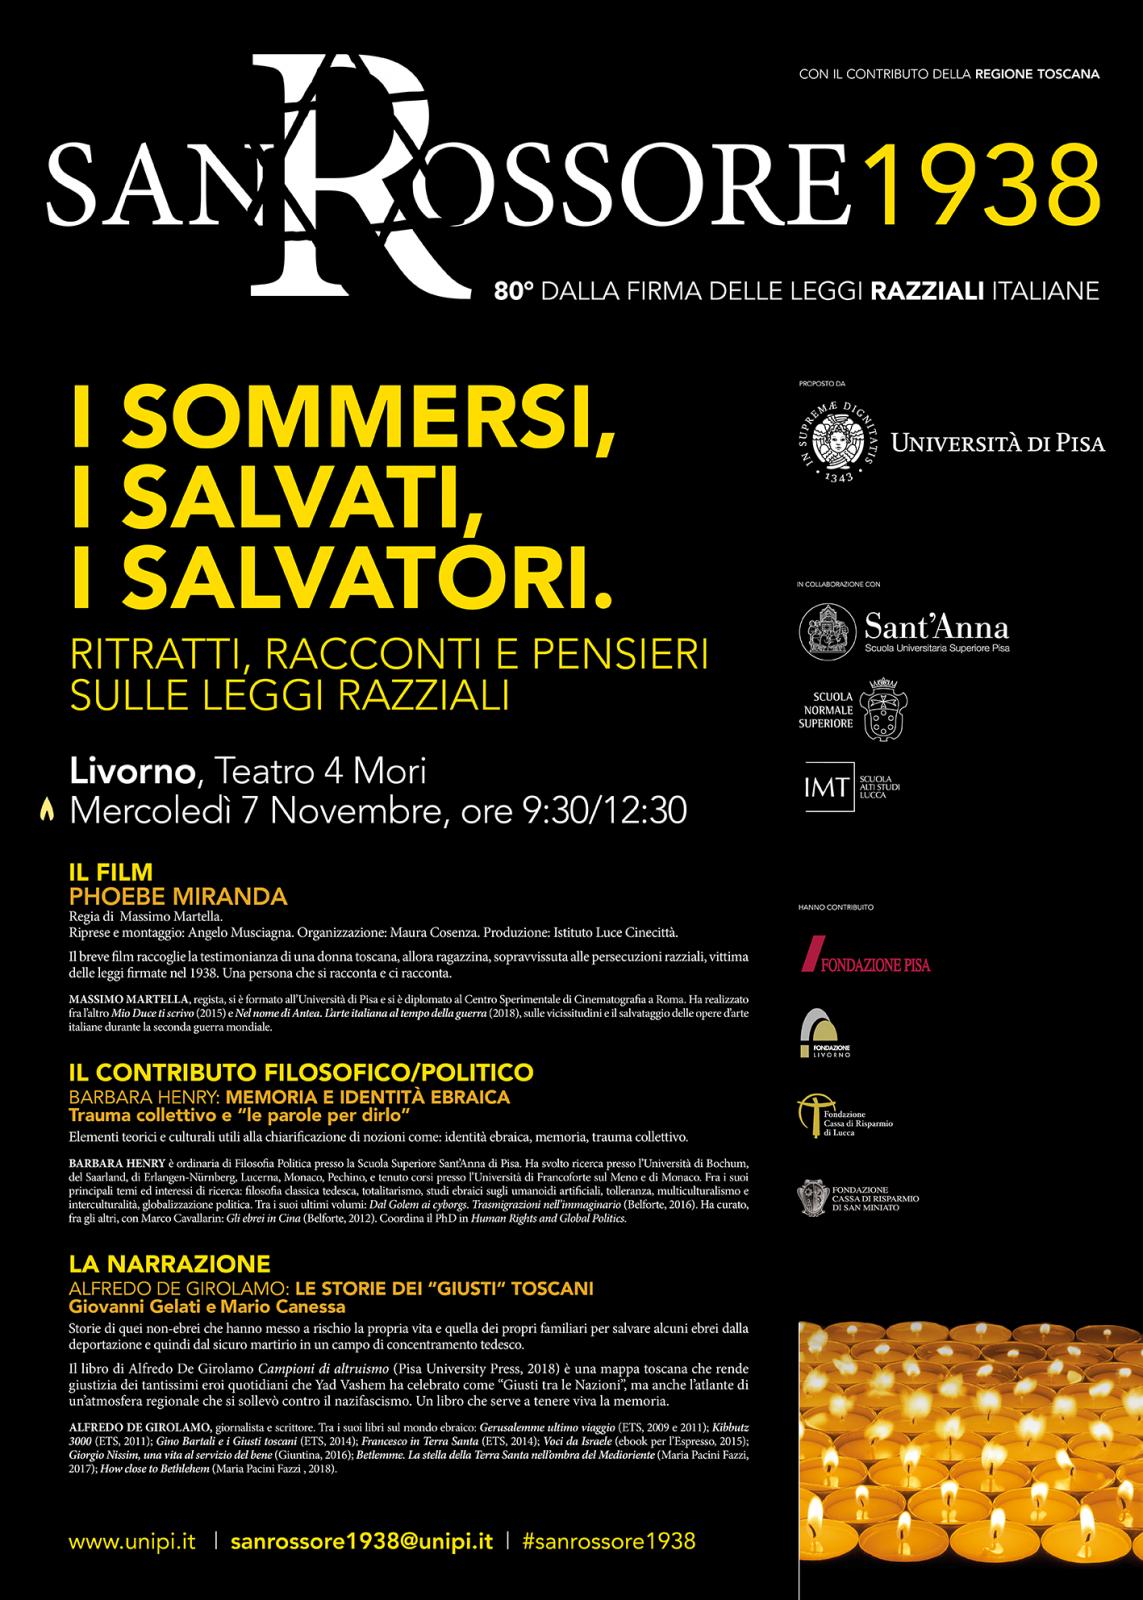 SR_1938_locandina_TERRITORIO_Livorno_50x70_web